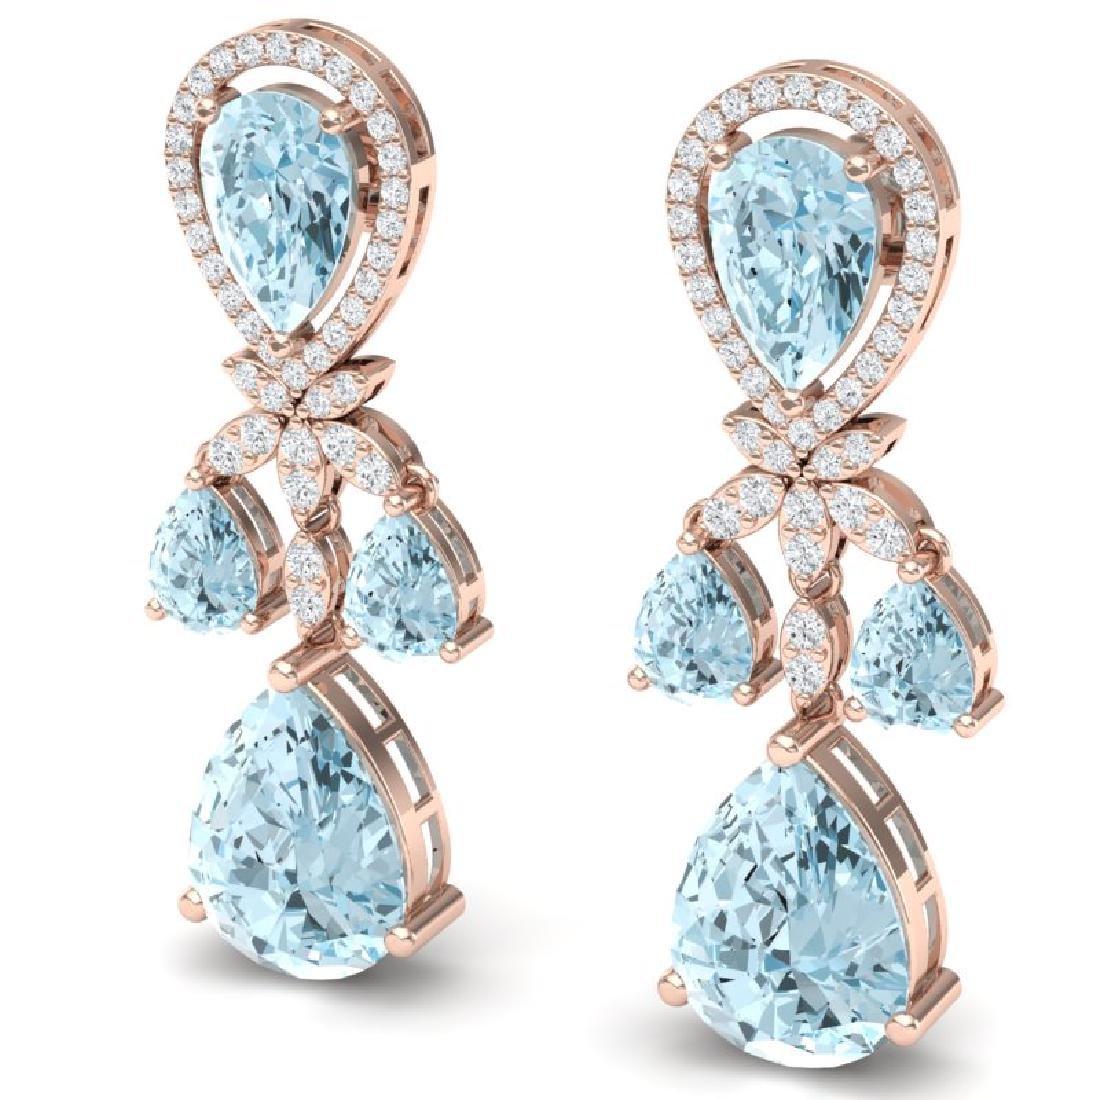 40.01 CTW Royalty Sky Topaz & VS Diamond Earrings 18K - 2